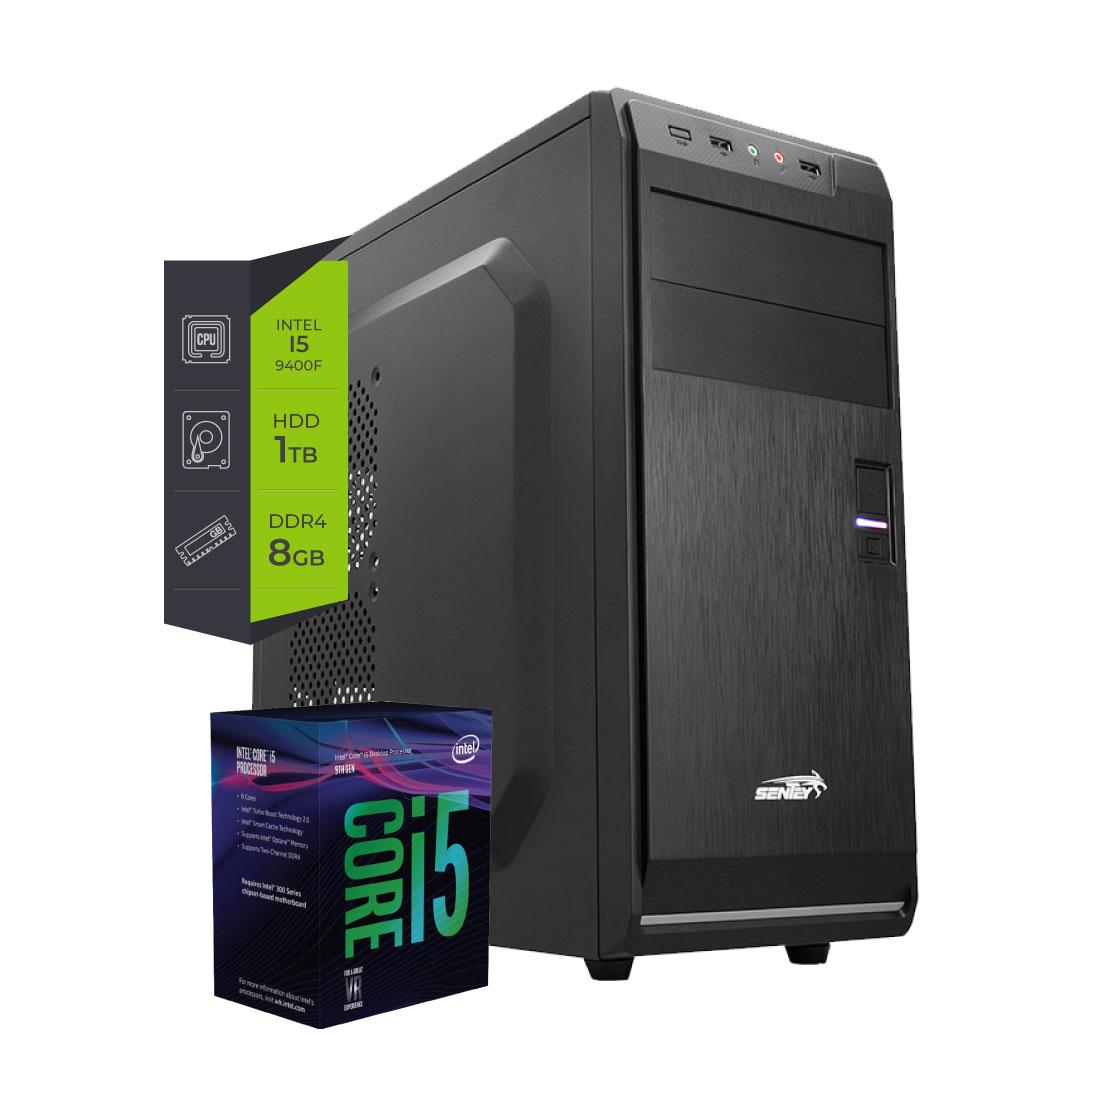 Pc Intel Core i5 9400F - 8Gb 1Tb